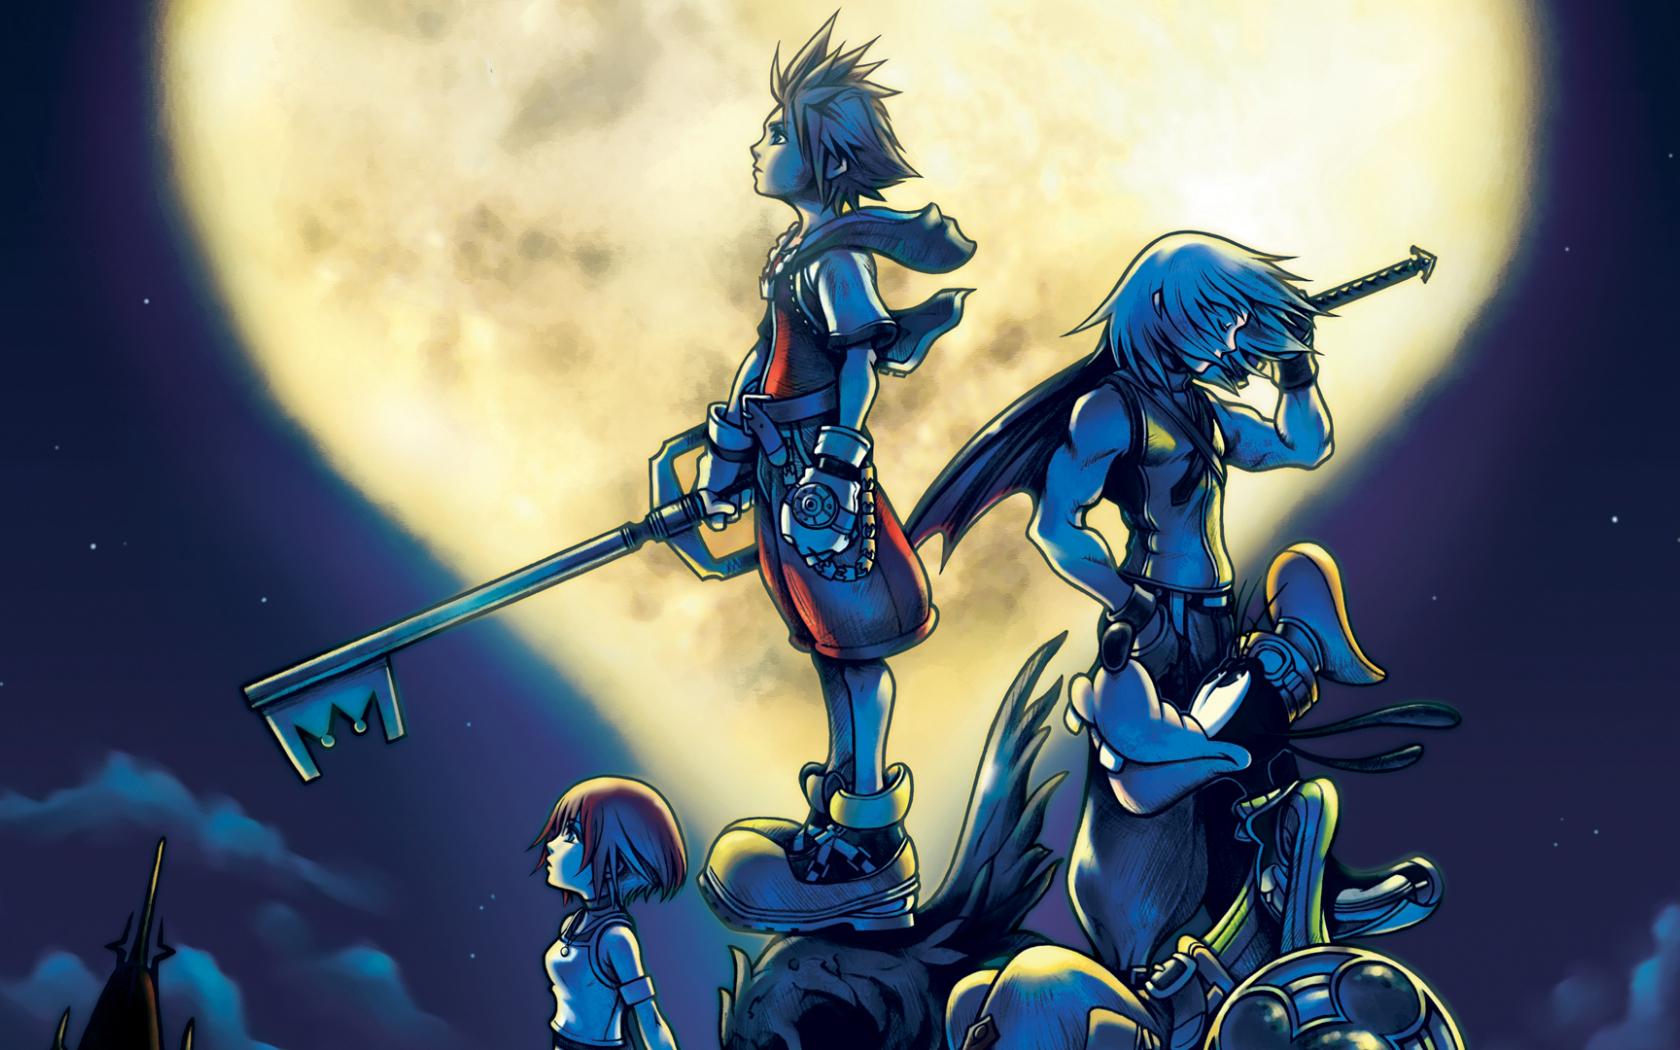 Free Download Hd Wallpaper Kingdom Hearts Wallpaper Hd 1920x1080